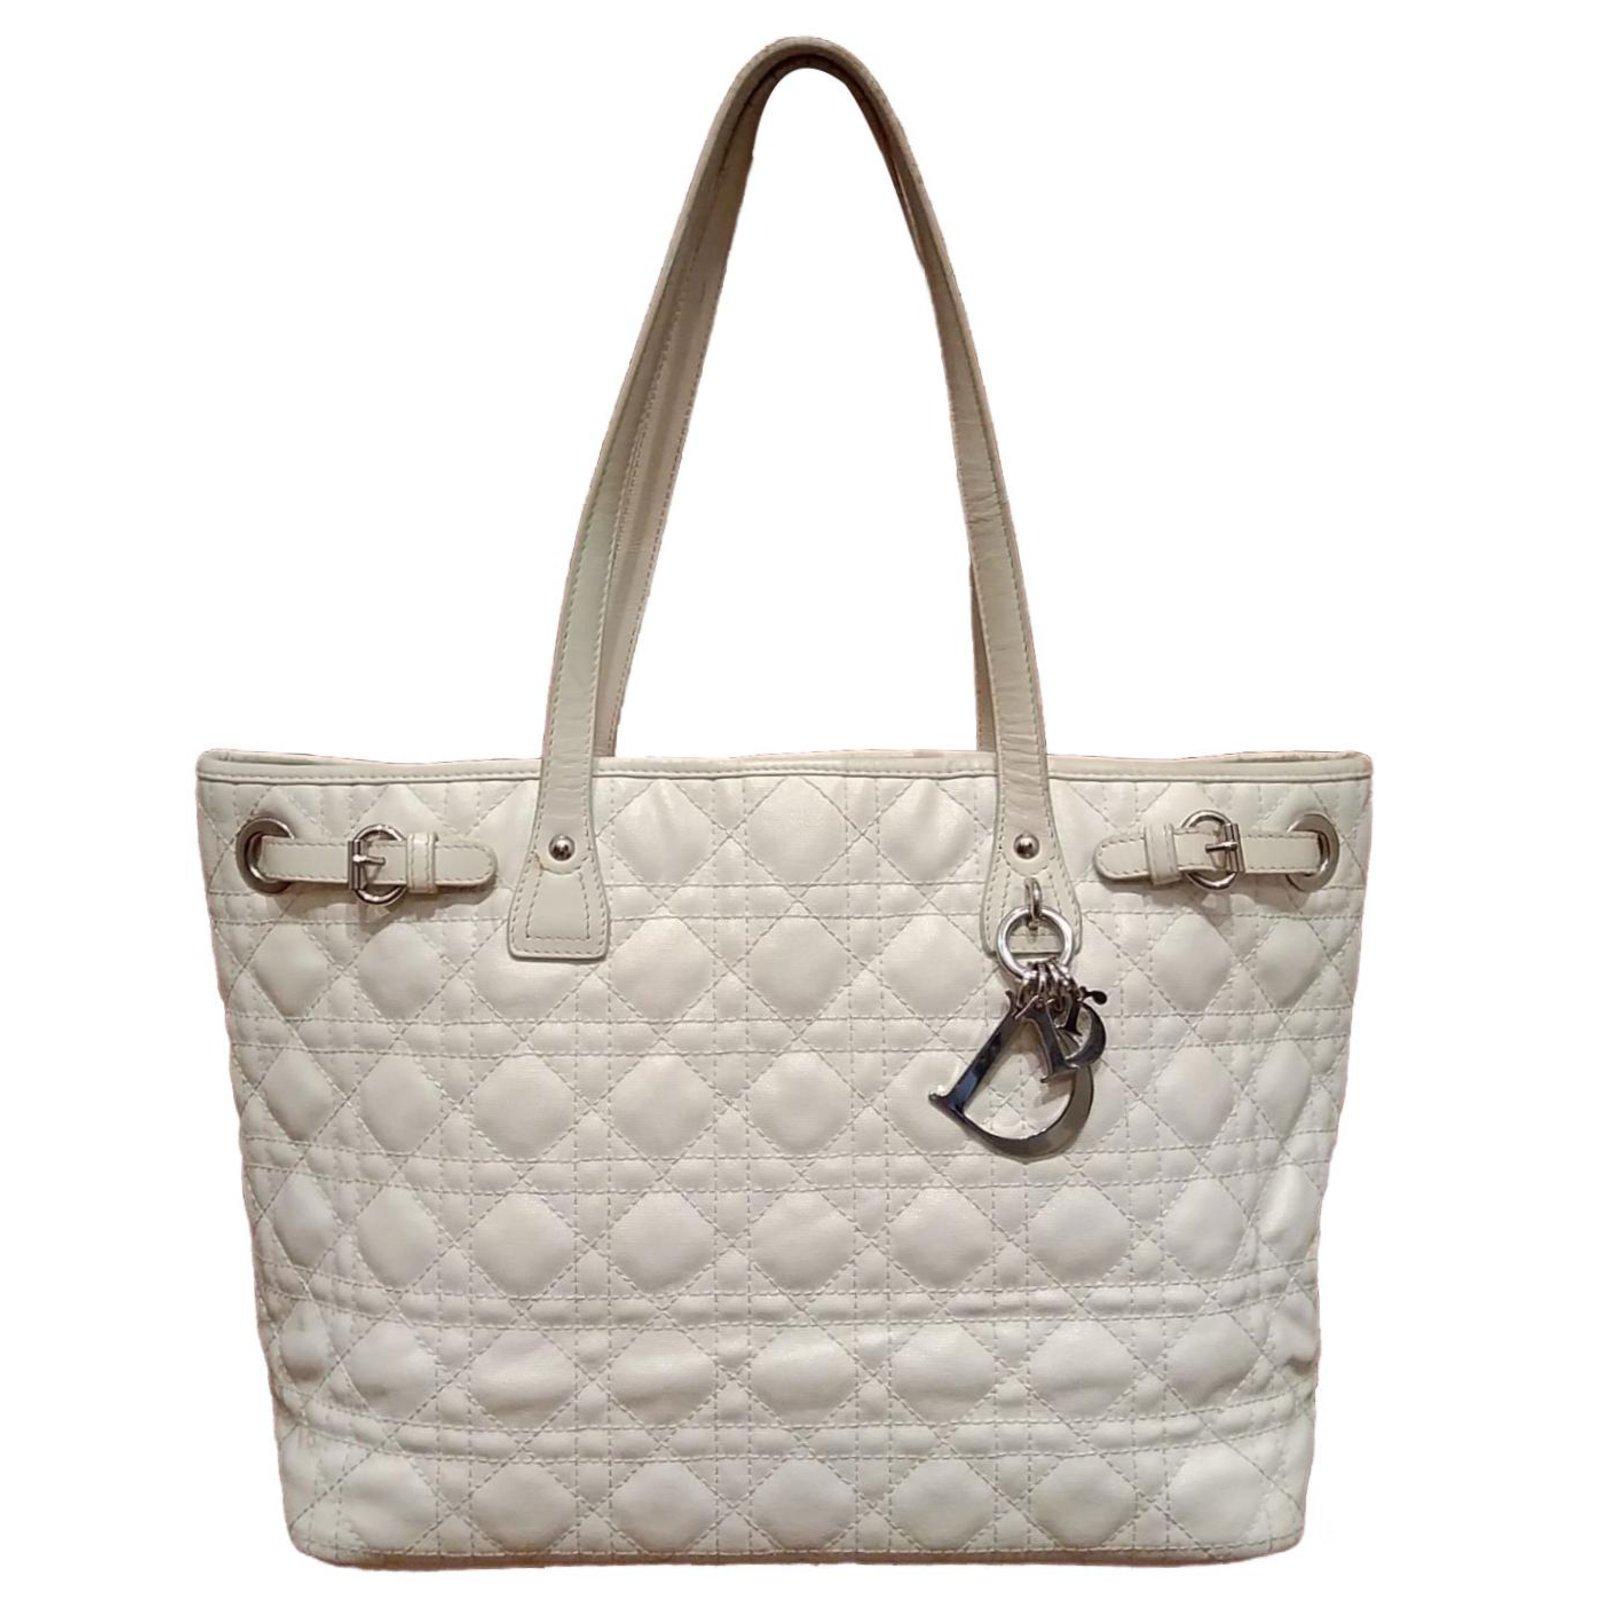 50ec692a232 Christian Dior Panarea Totes Cloth White ref.69644 - Joli Closet